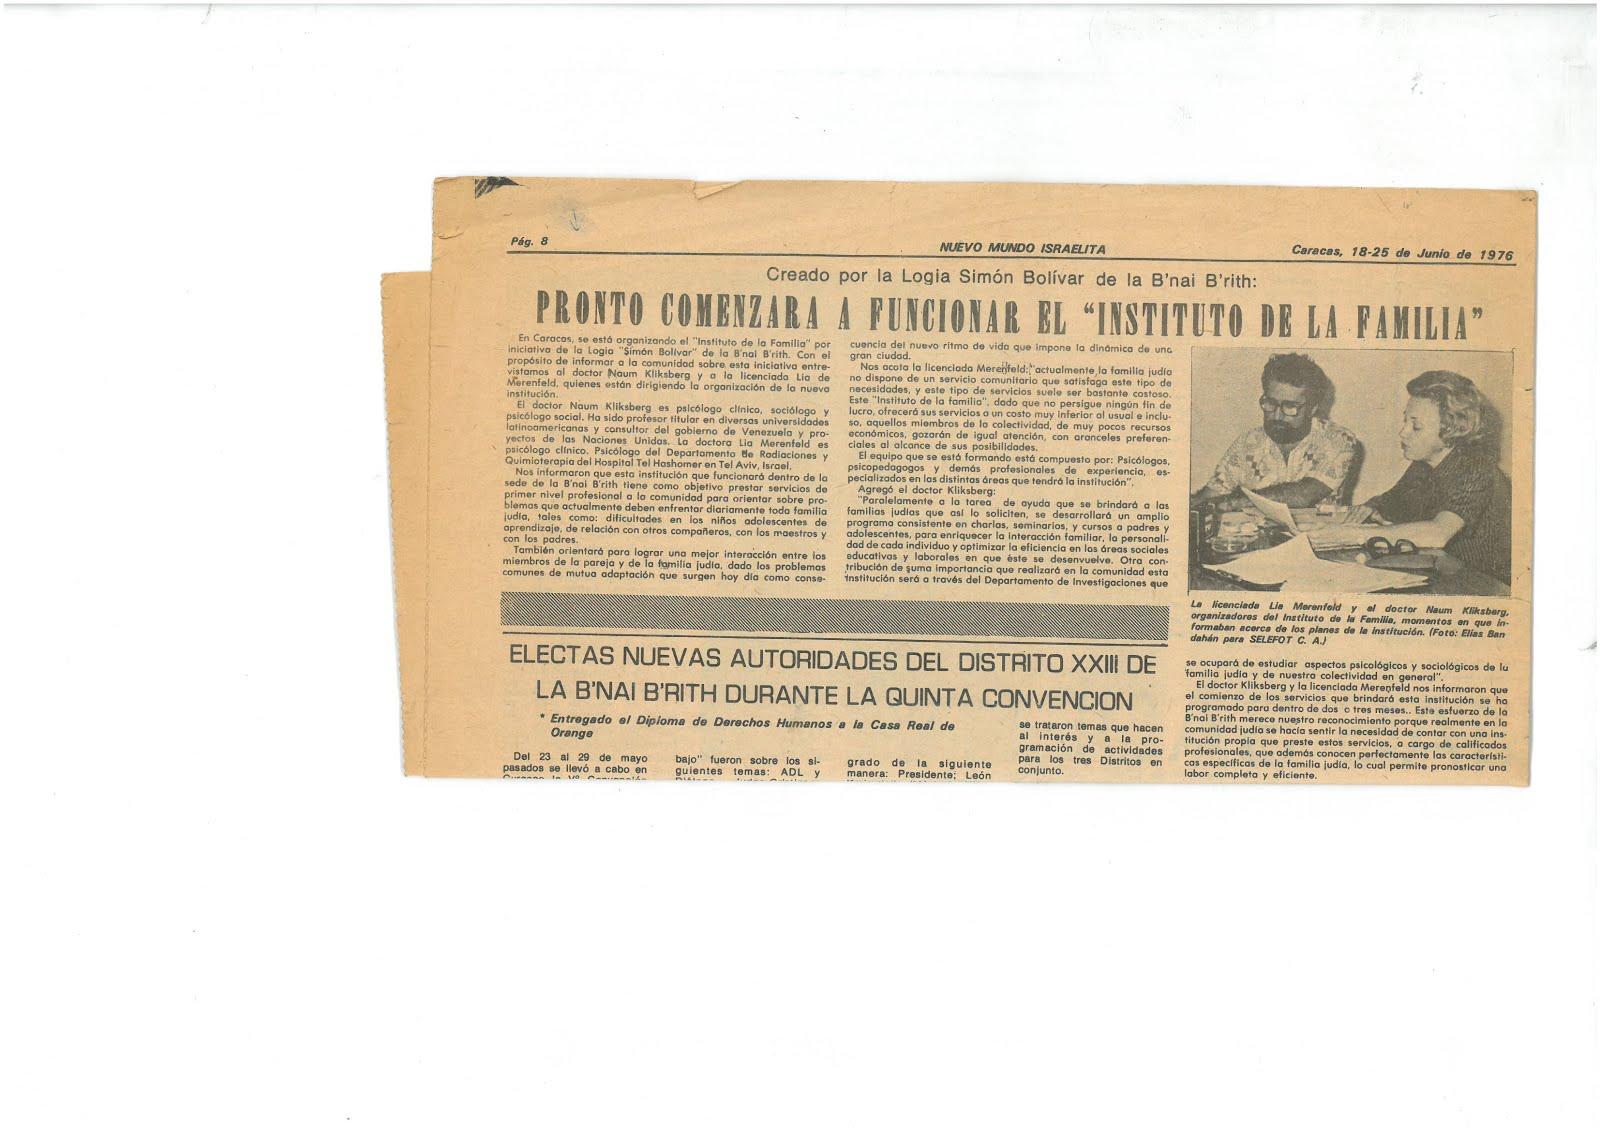 57 - Periódico Nuevo Mundo Israelita, Caracas, Venezuela.25/06/1976. Cómo psicoterapeuta